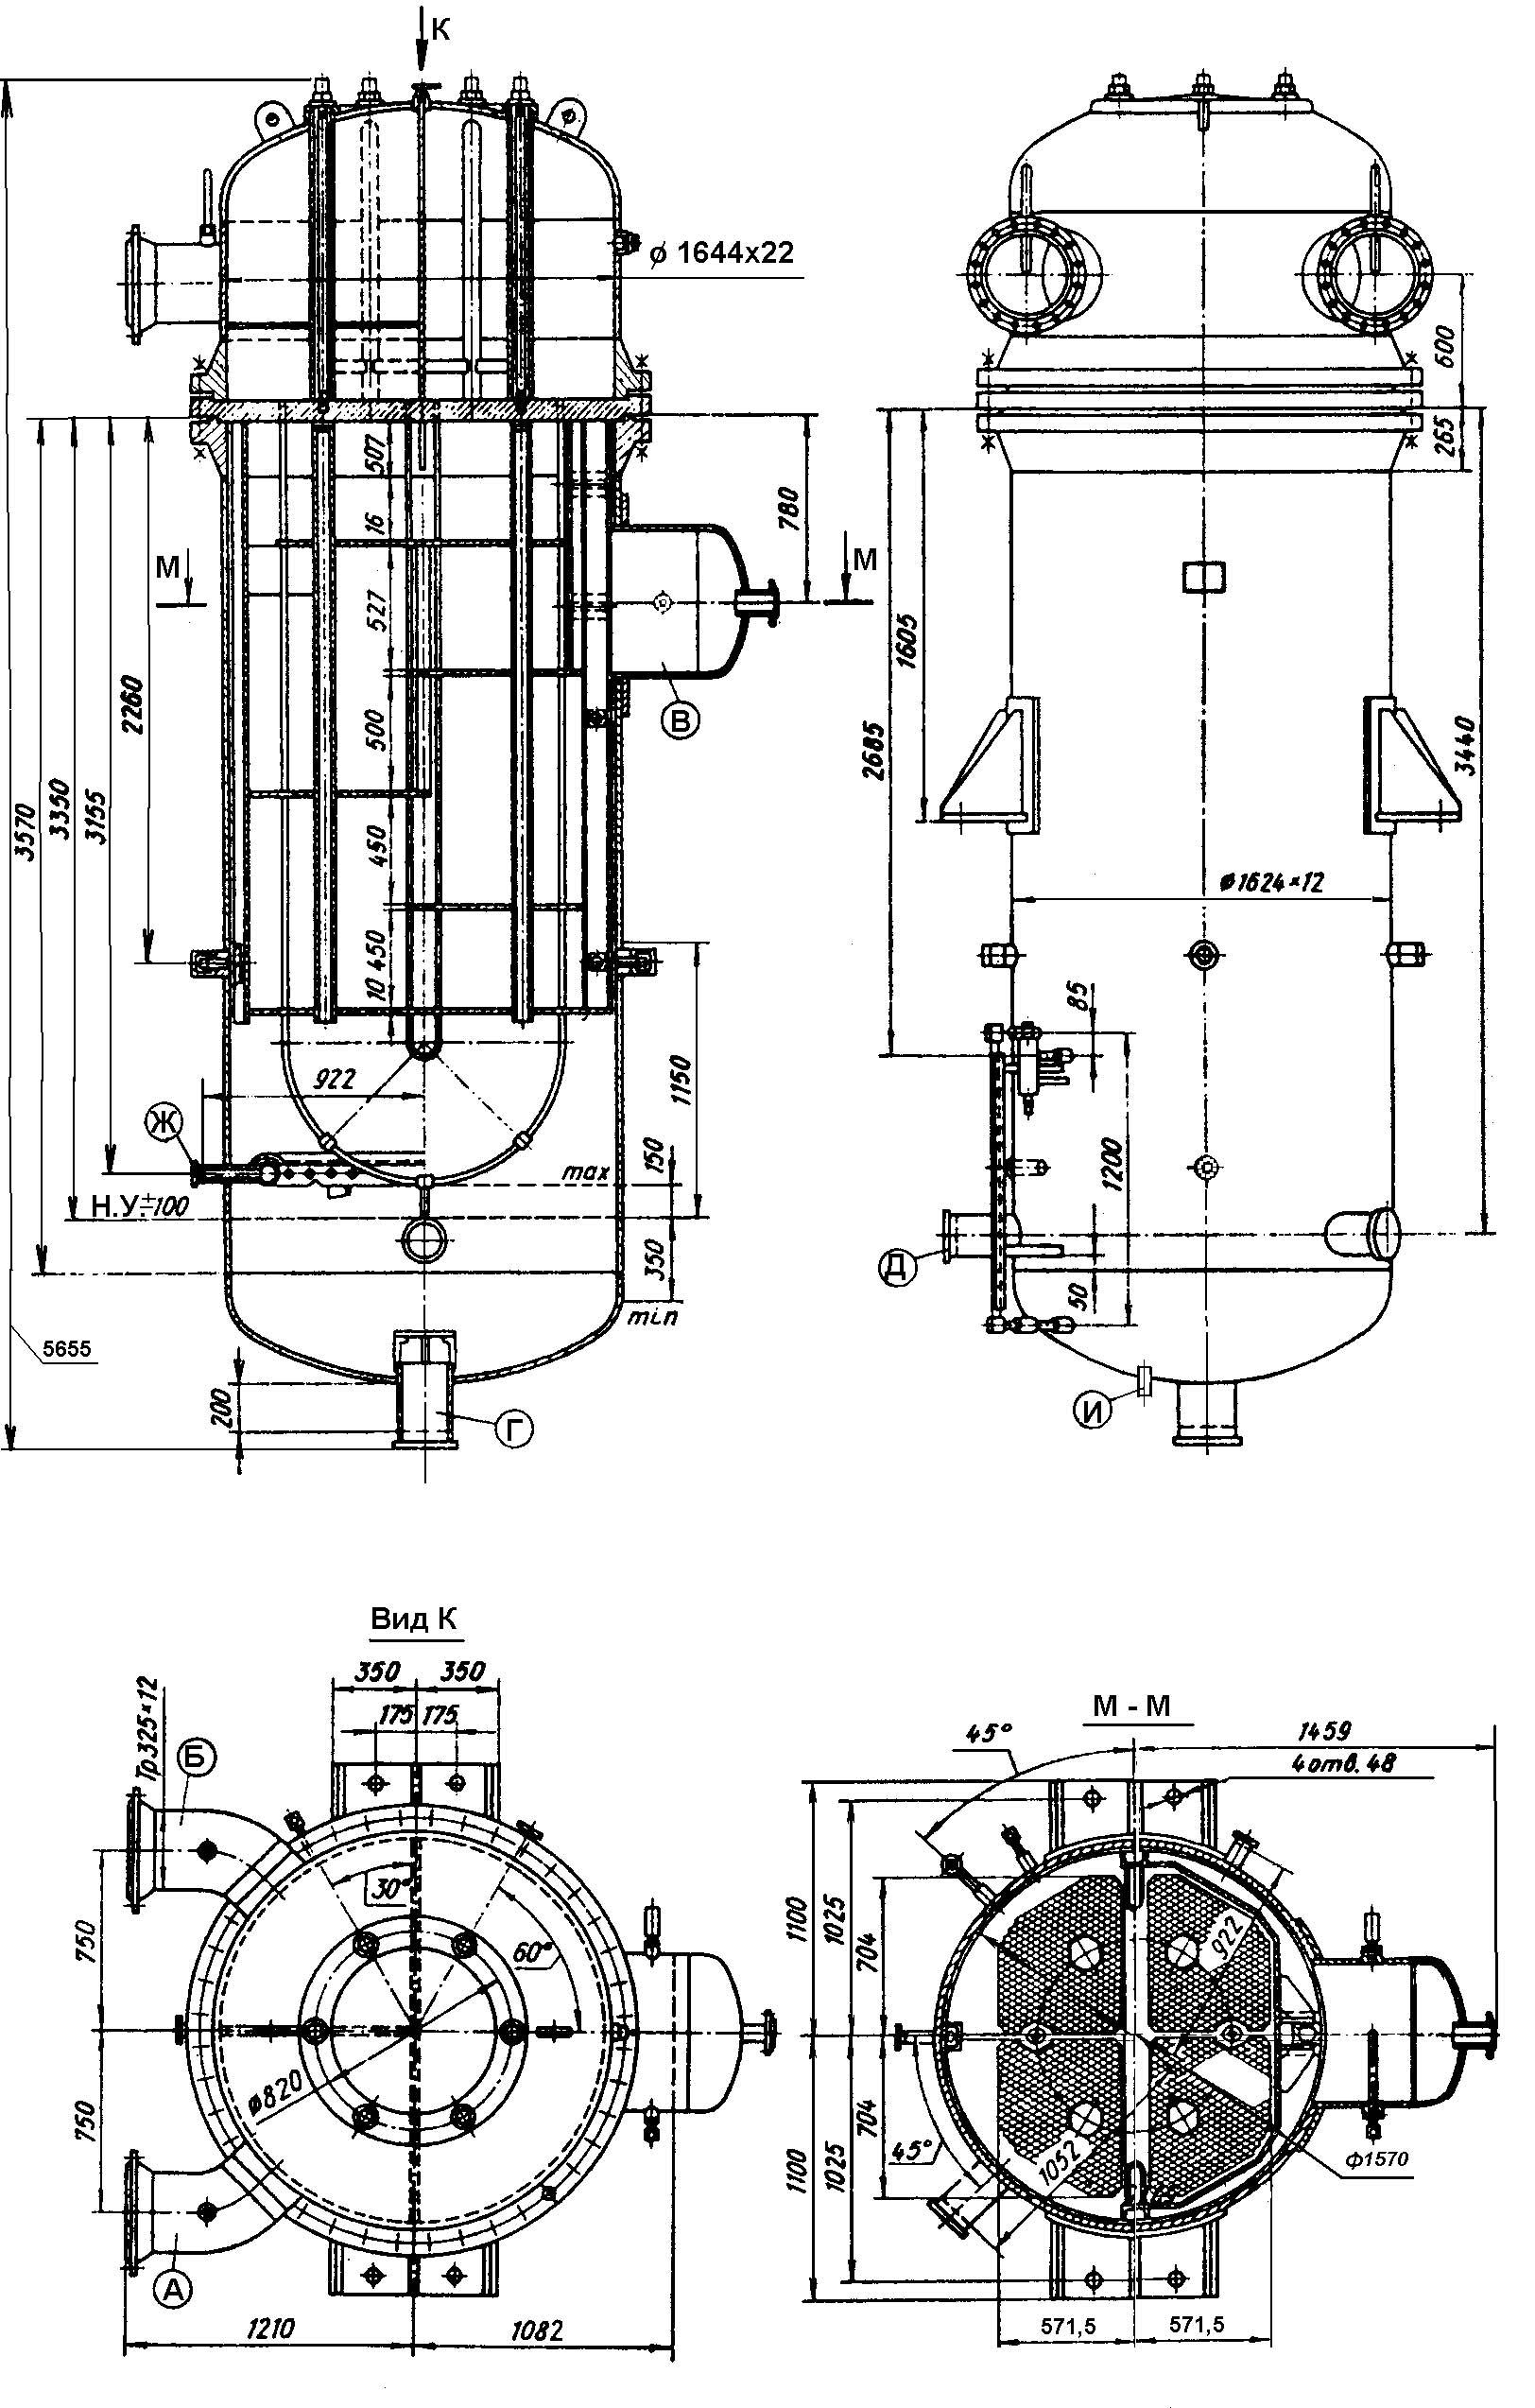 Подогреватель высокого давления ПВ-425-230-25-4 Ноябрьск Подогреватель мазута ПМР 13-60 Саров